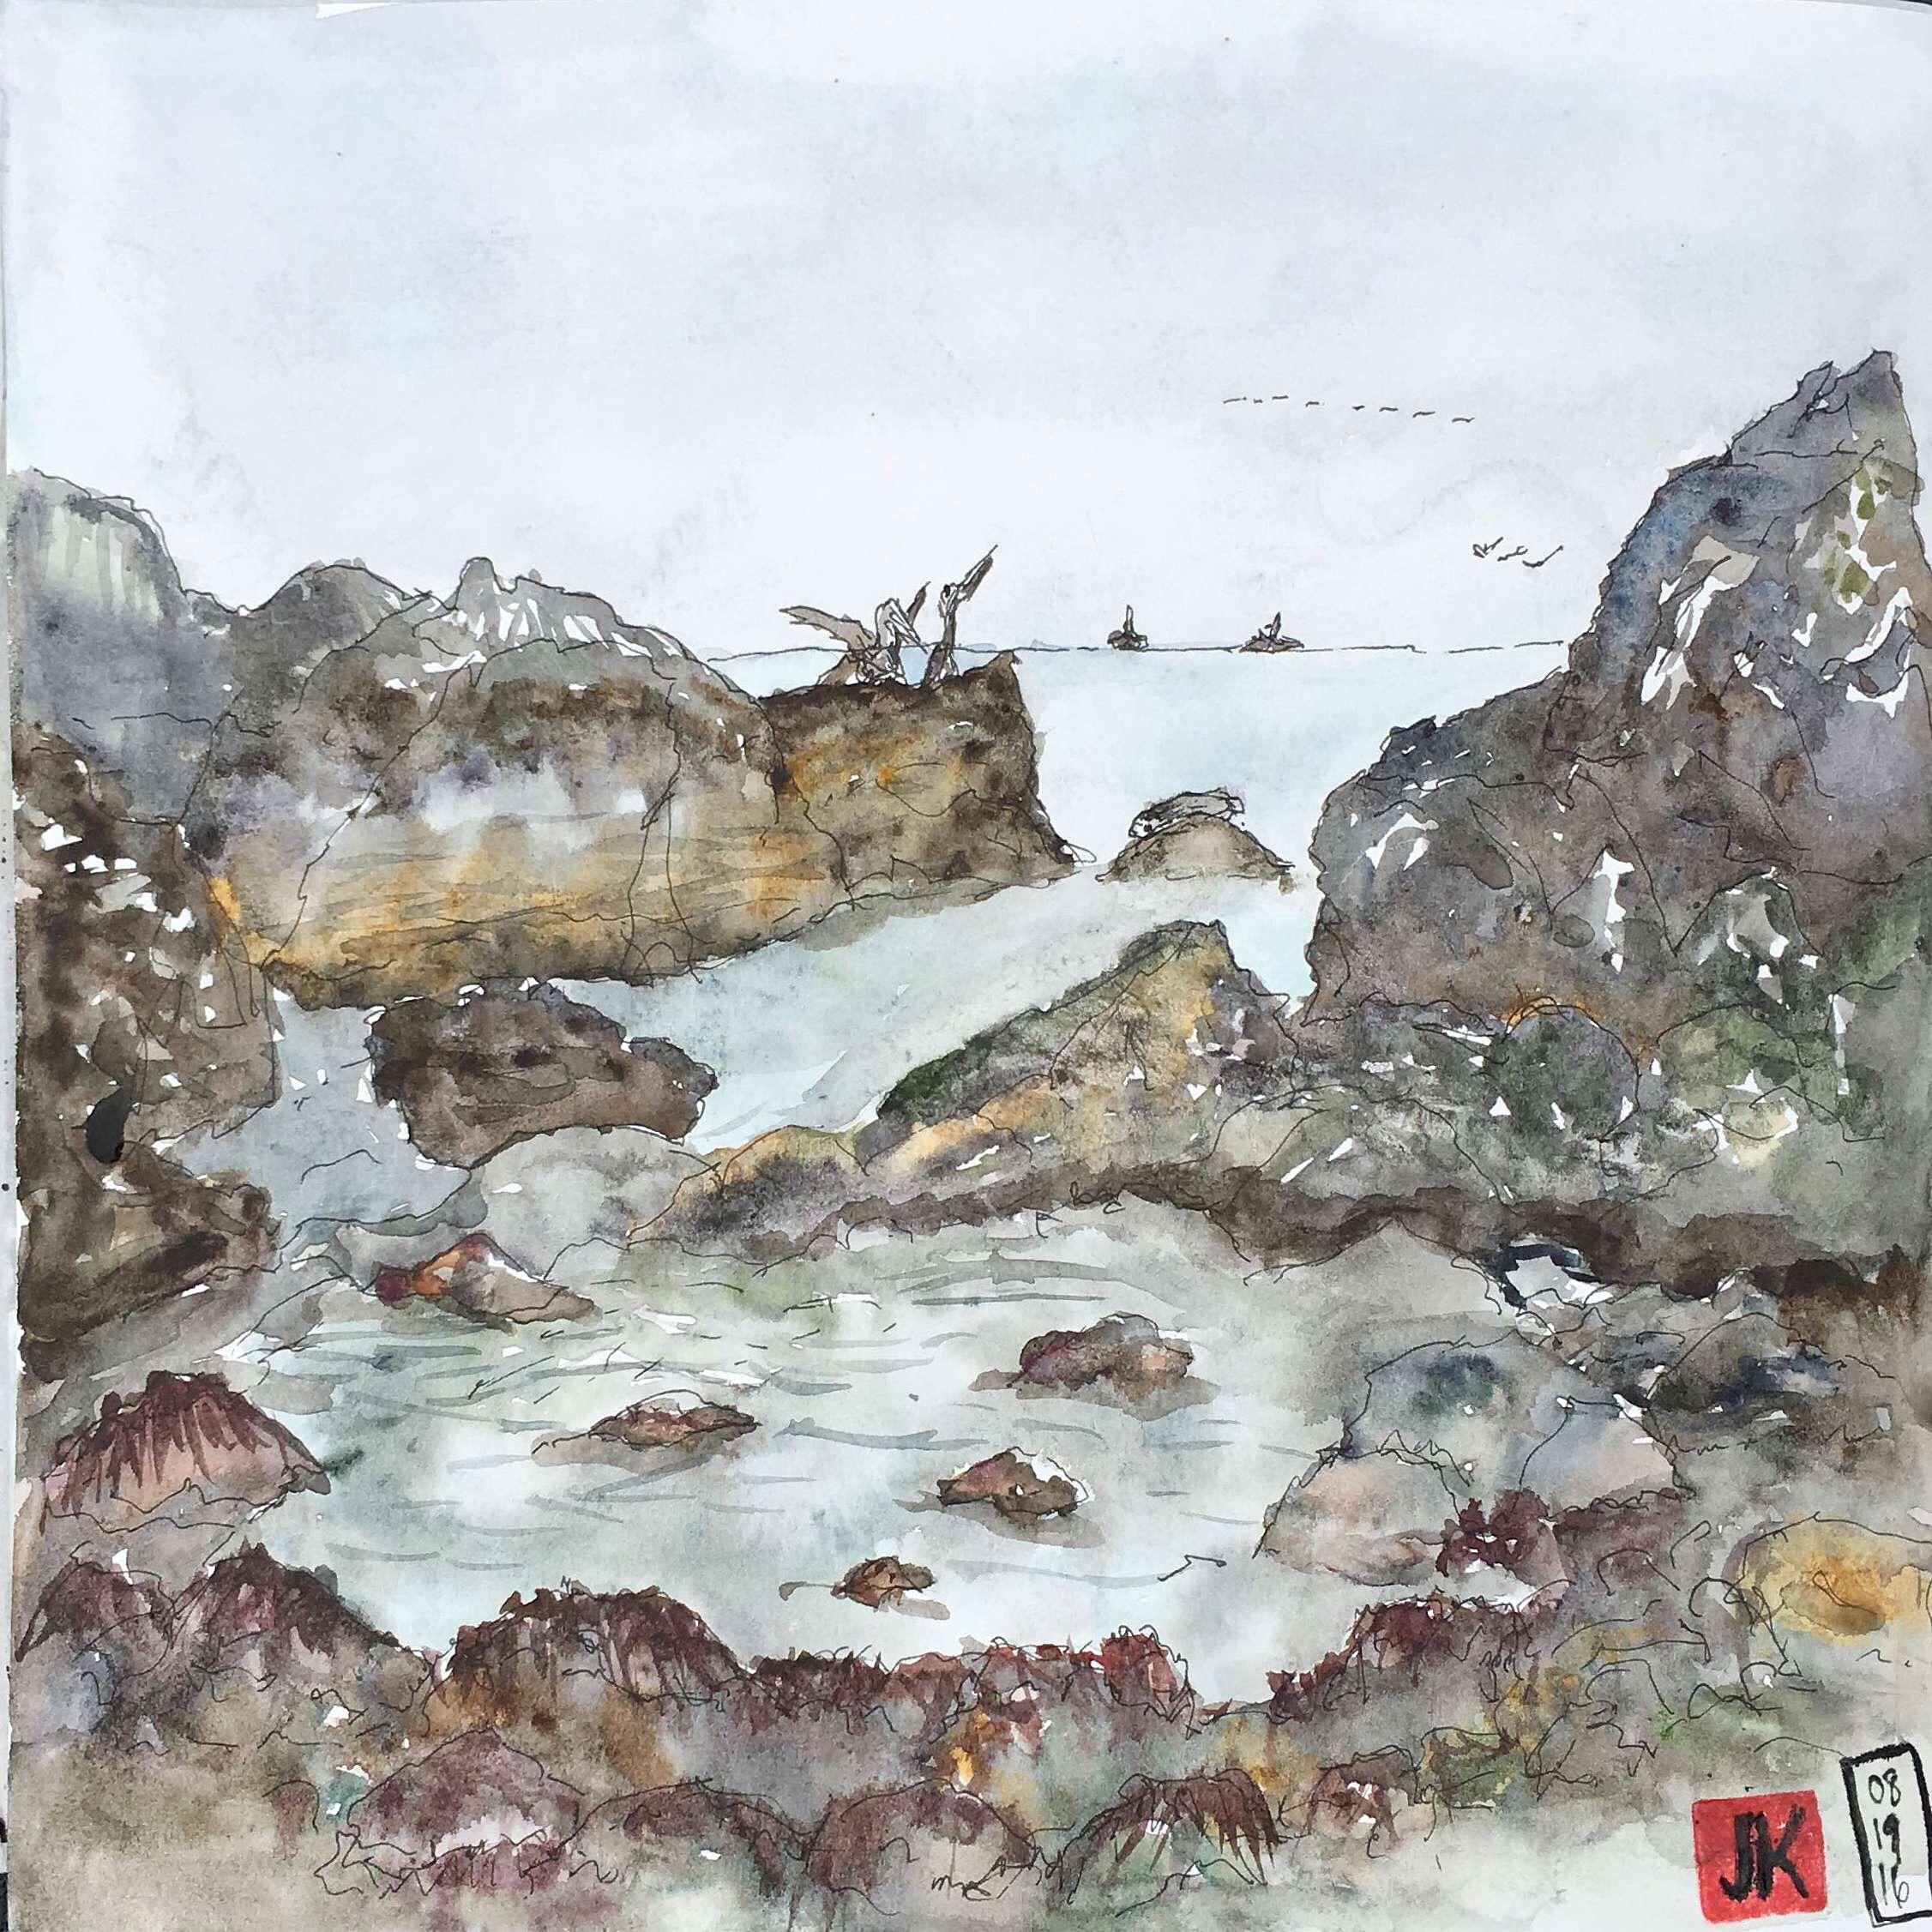 My tide pool sketch